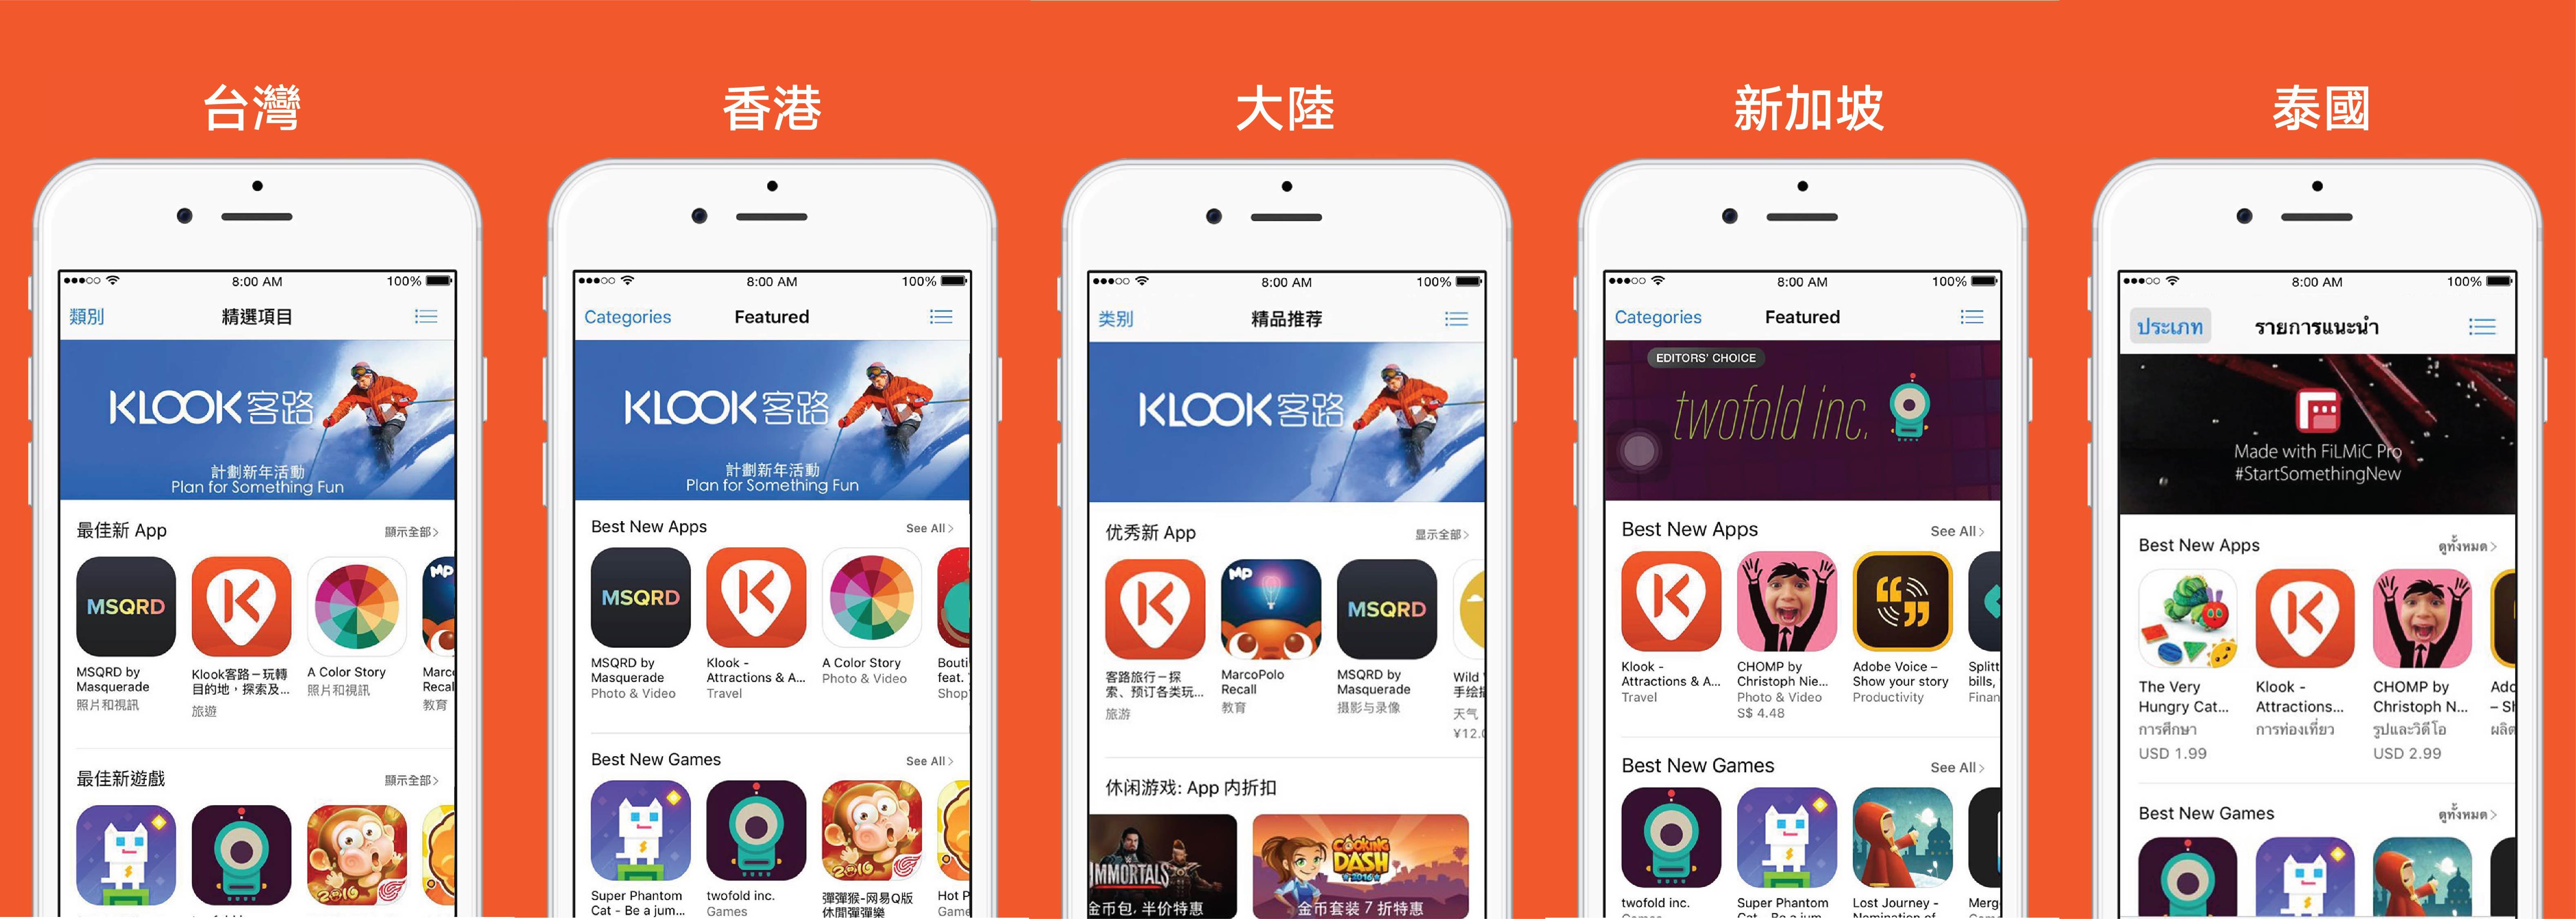 地區iOS App Store 最佳新推薦